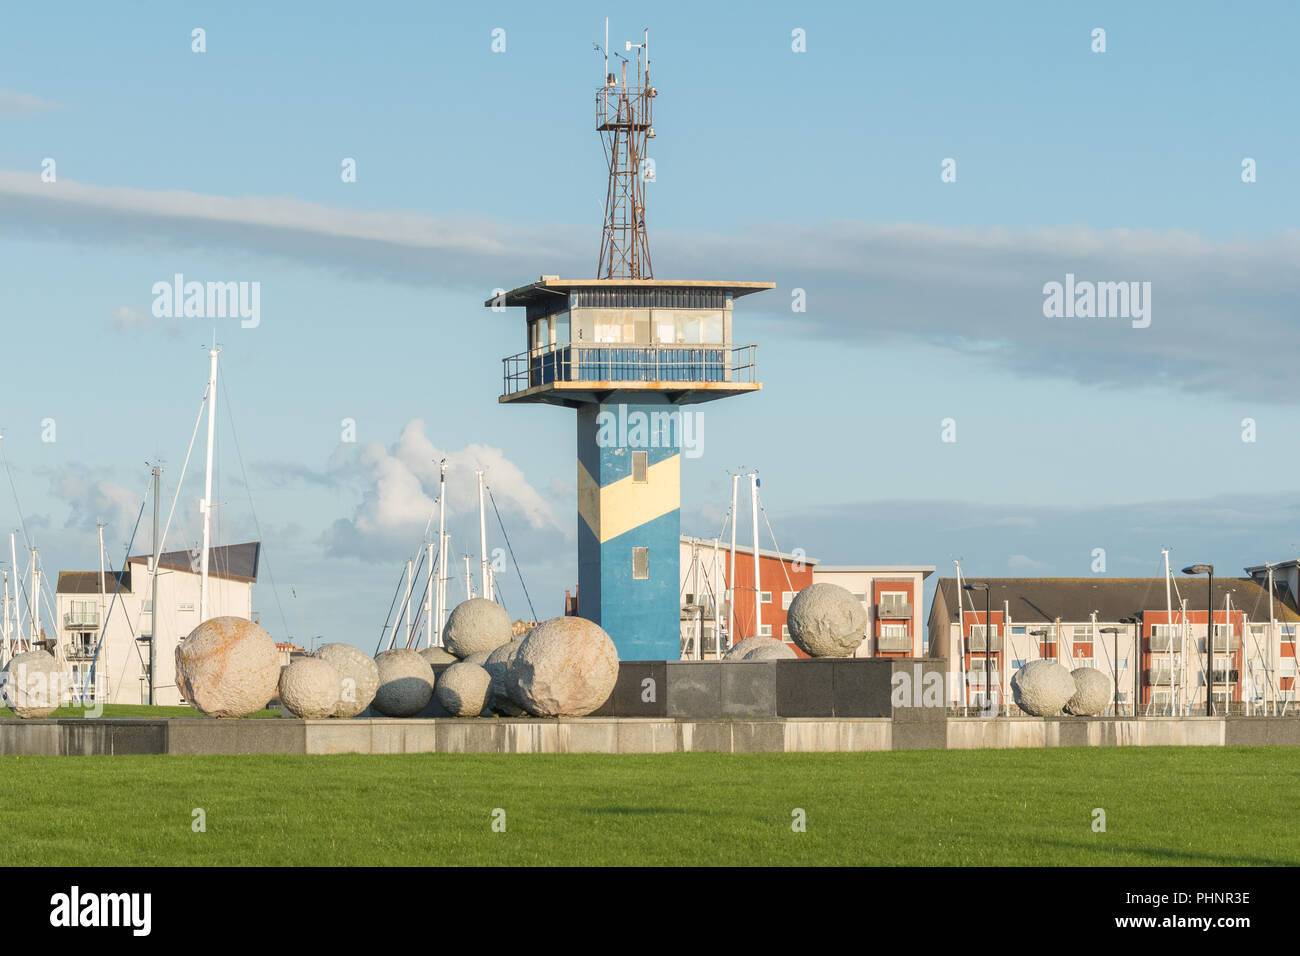 Ardrossan Harbour Station desarrollo - capitanes atalaya y 'Posición y apariencia' escultura esfera de granito, Ardrossan, Scotland, Reino Unido Imagen De Stock